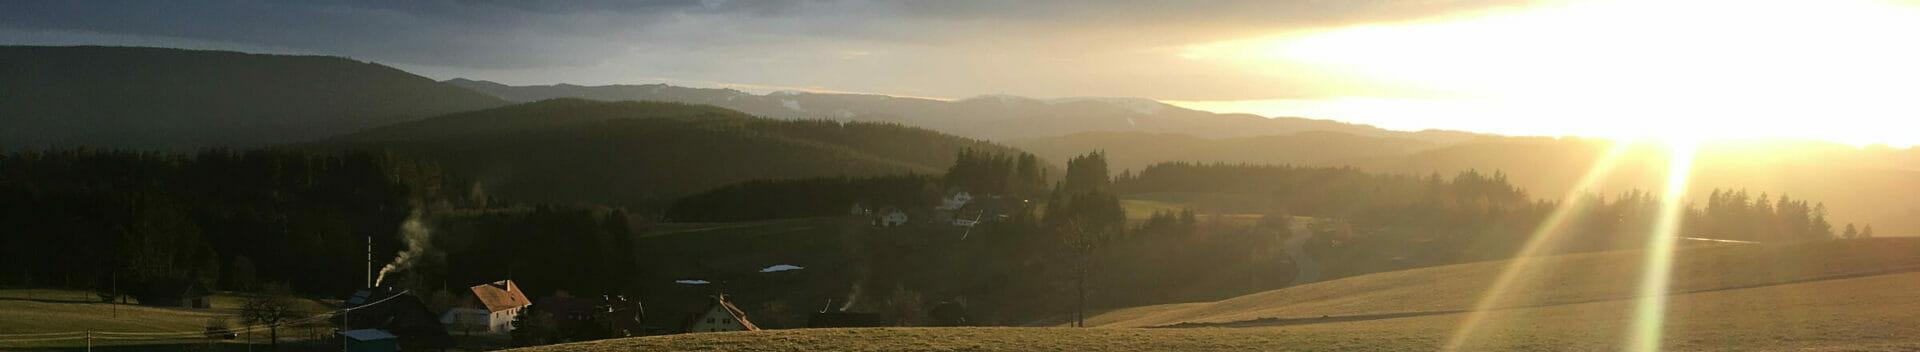 Schwarzwald bei Titisee Neustadt - Radtouren Radregion Schwarzwald